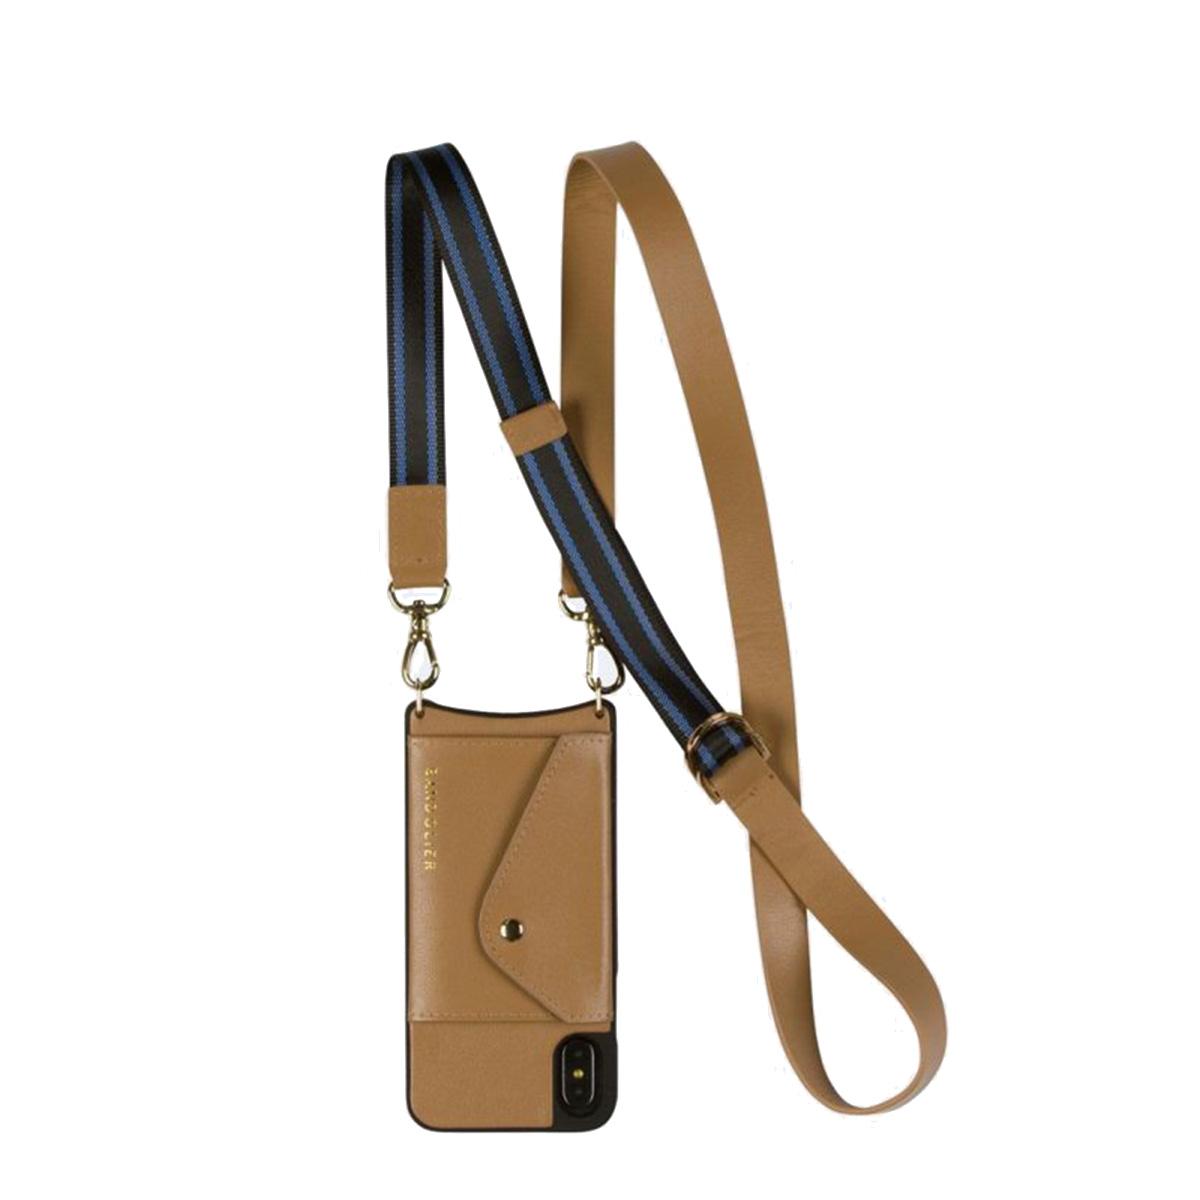 BANDOLIER iPhone SE SE2 8 7 6s 6 ケース スマホ 携帯 アイフォン レディース OLIVIA SIDE SLOT TAN BLUE キャメル 14oli